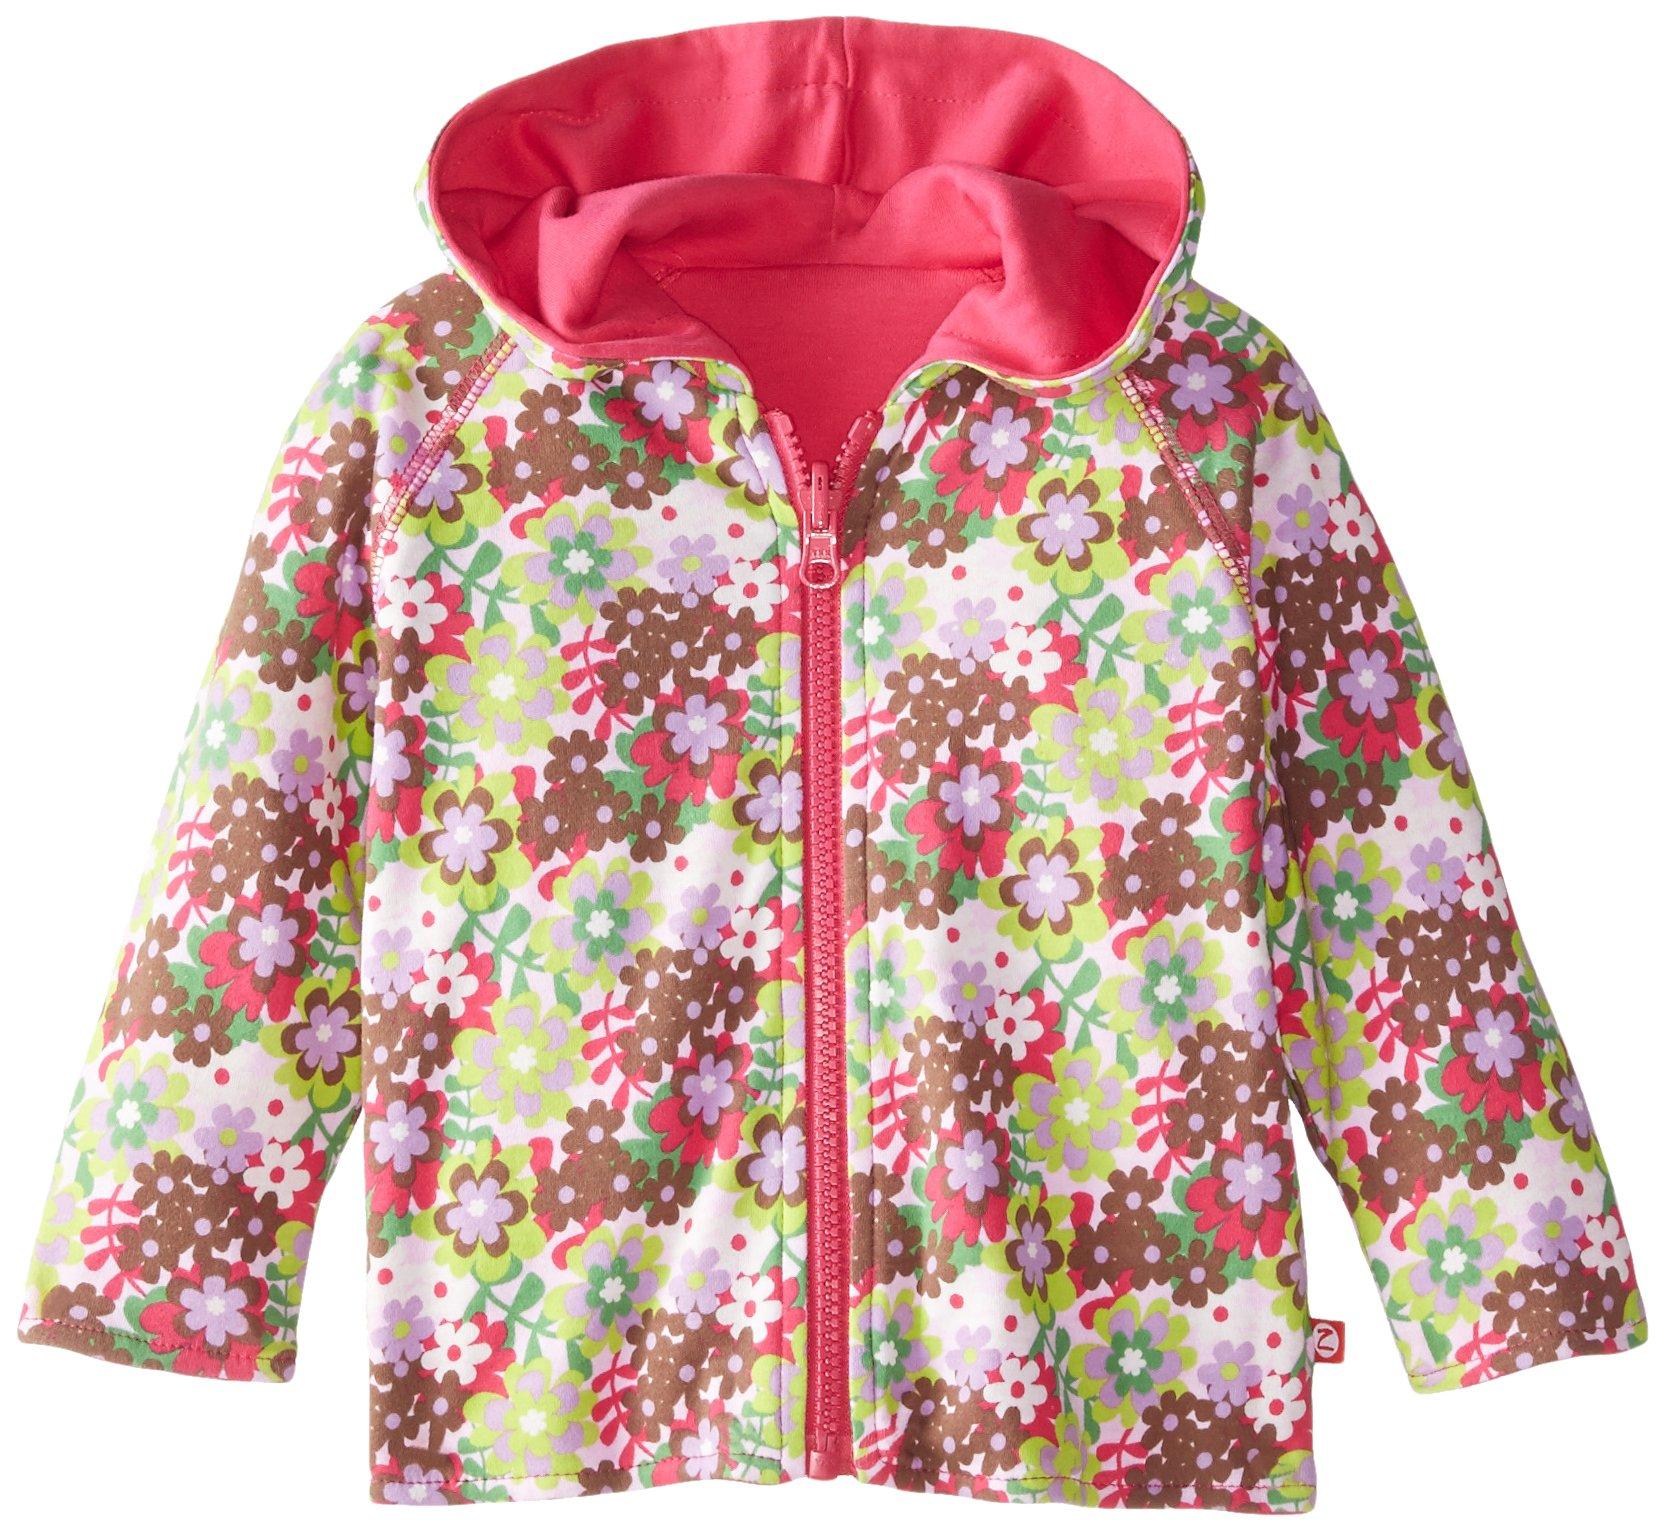 Zutano Baby Girls' Primrose Reversible Zip Hoodie, Pink, 18 Months by Zutano